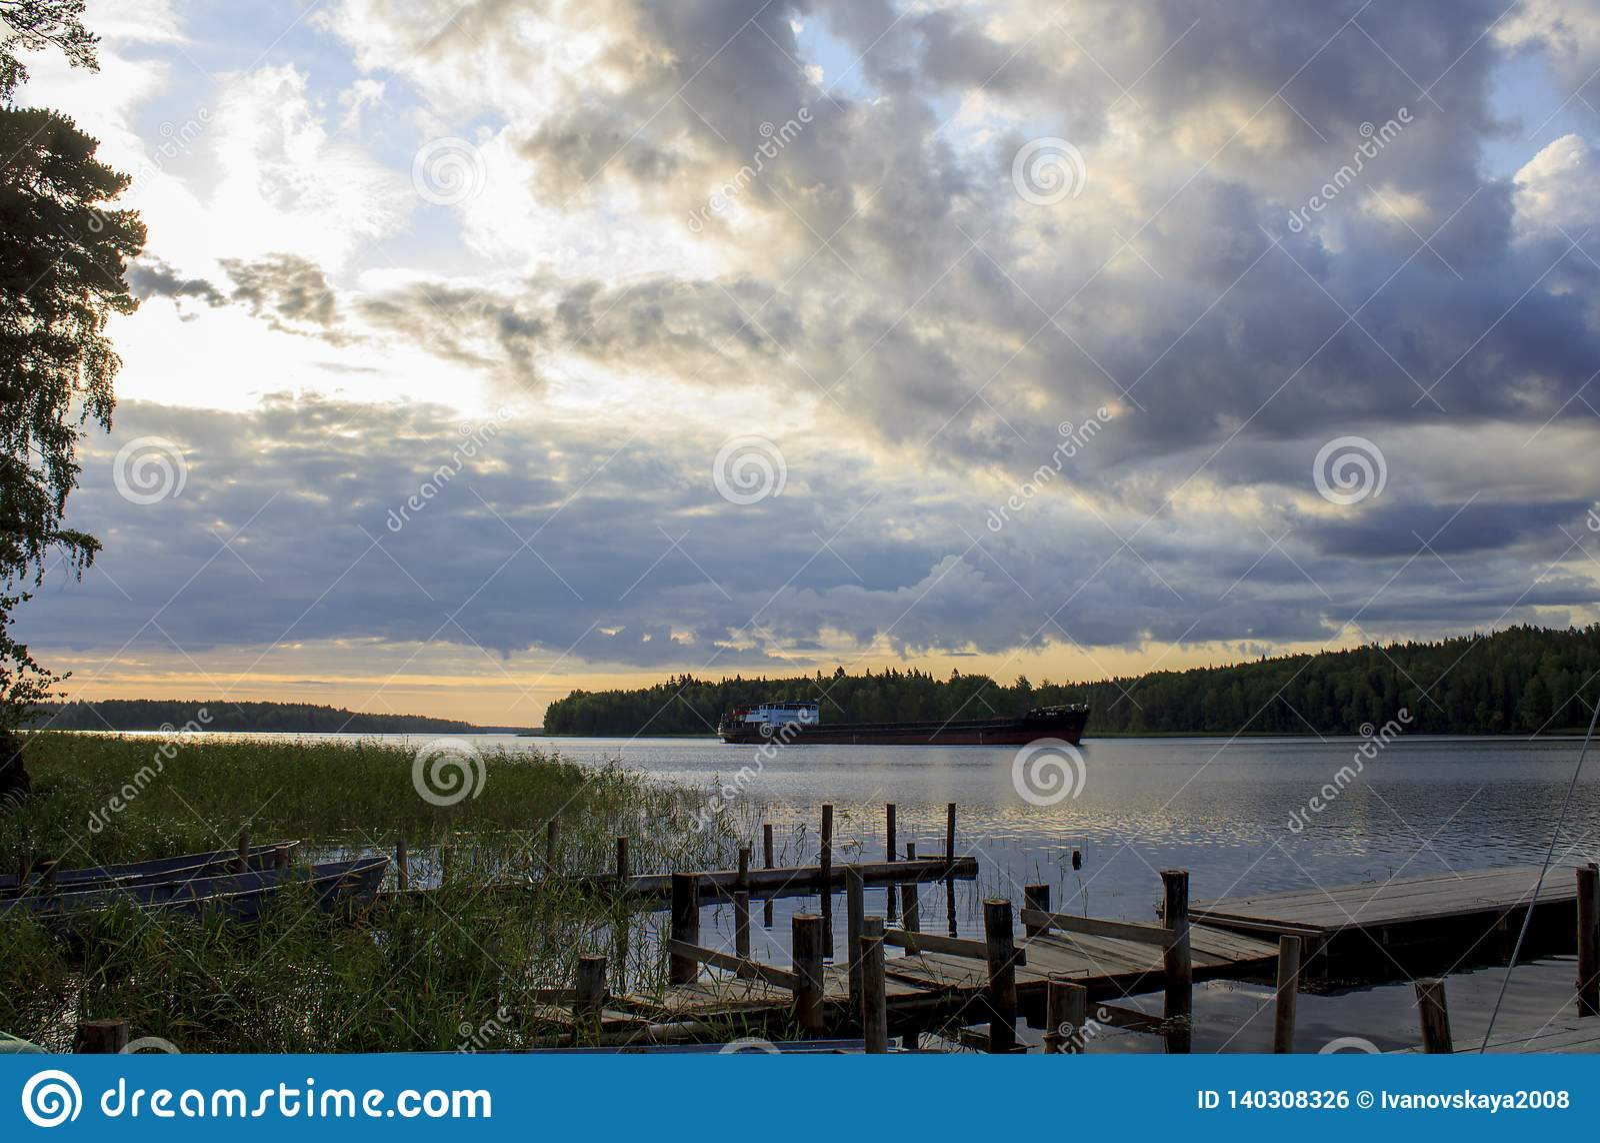 Dawn on Lake Ladoga